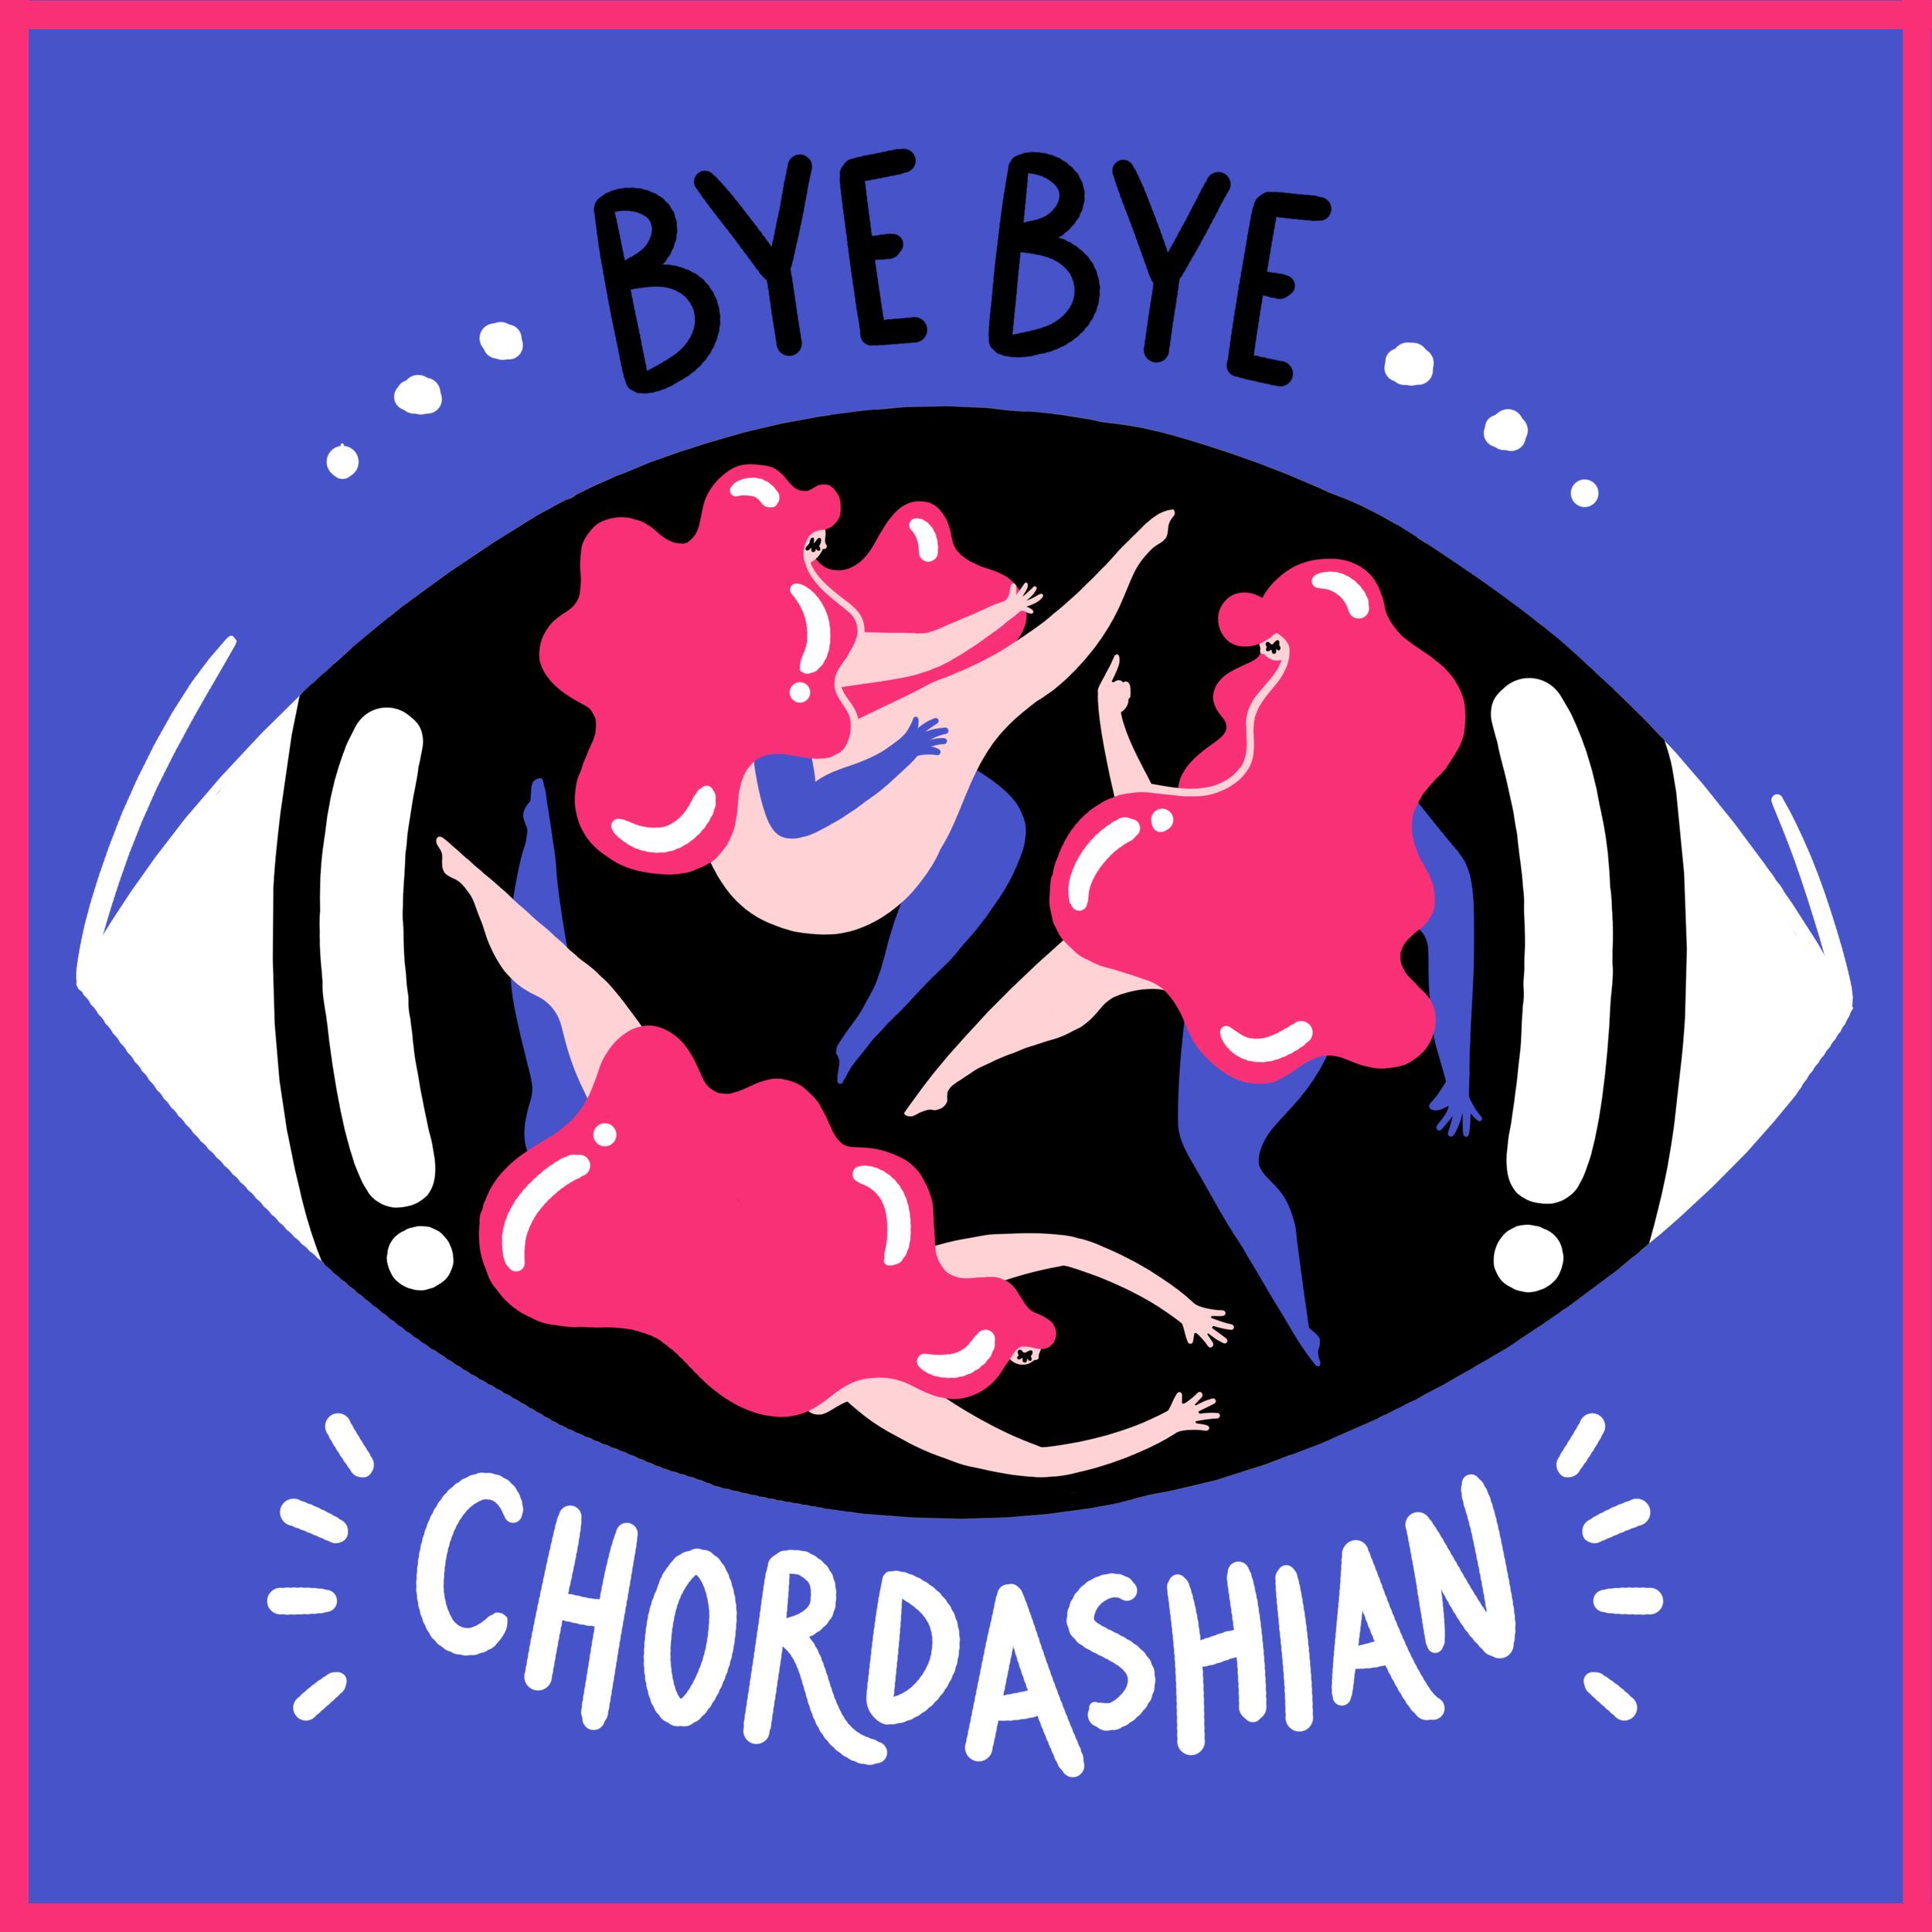 Chordashian-Bye-Bye